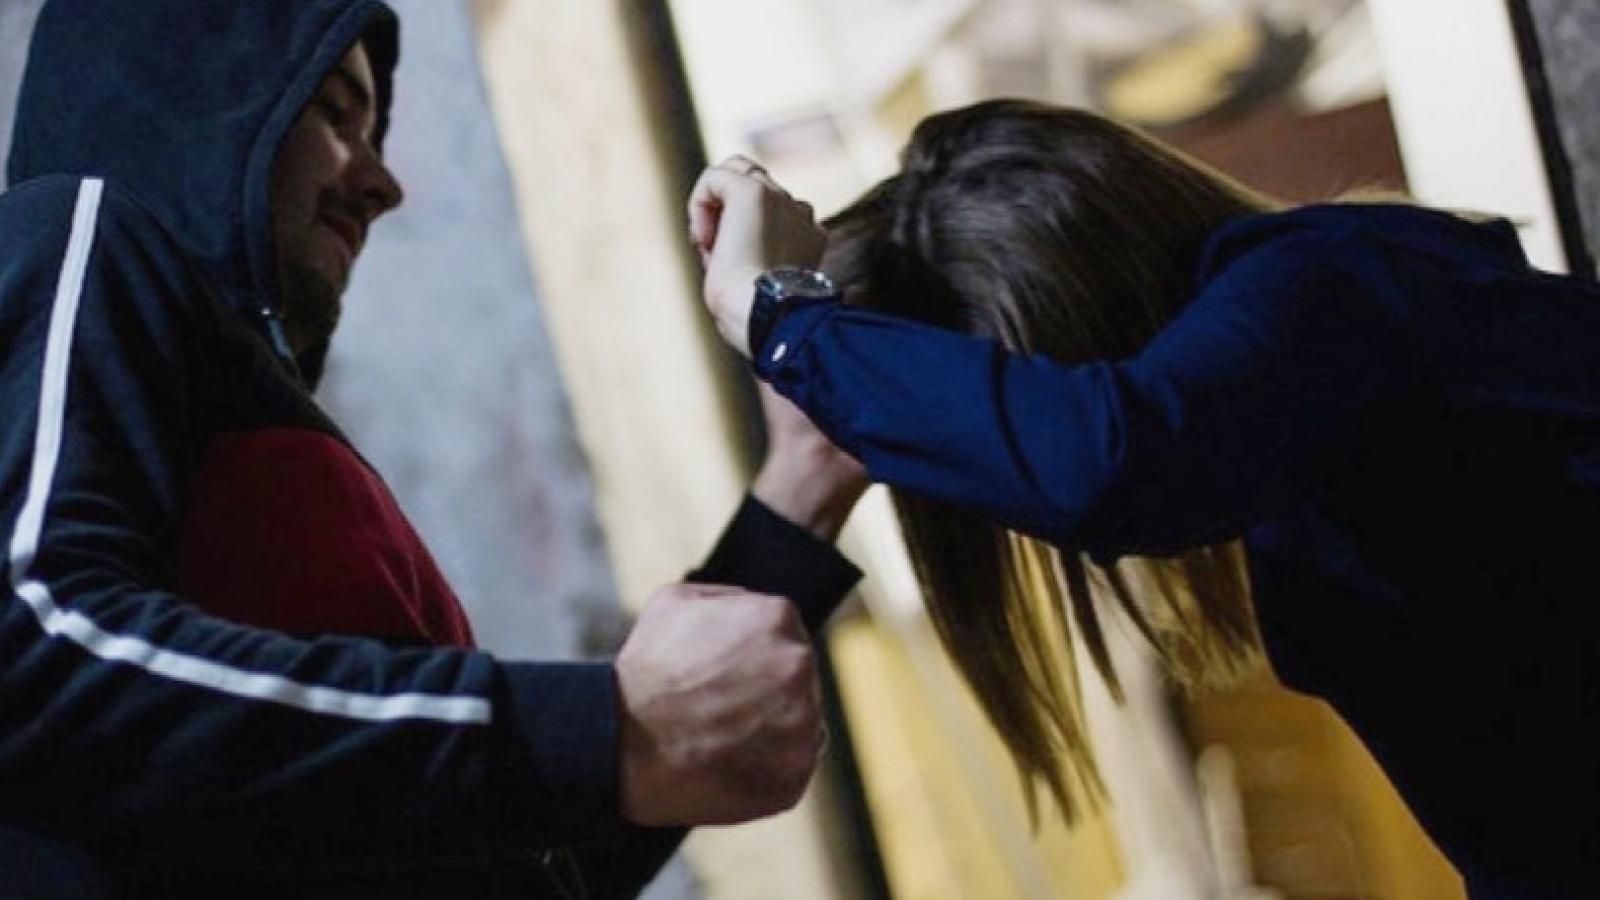 Таксиста оштрафовали за нападение на девушку